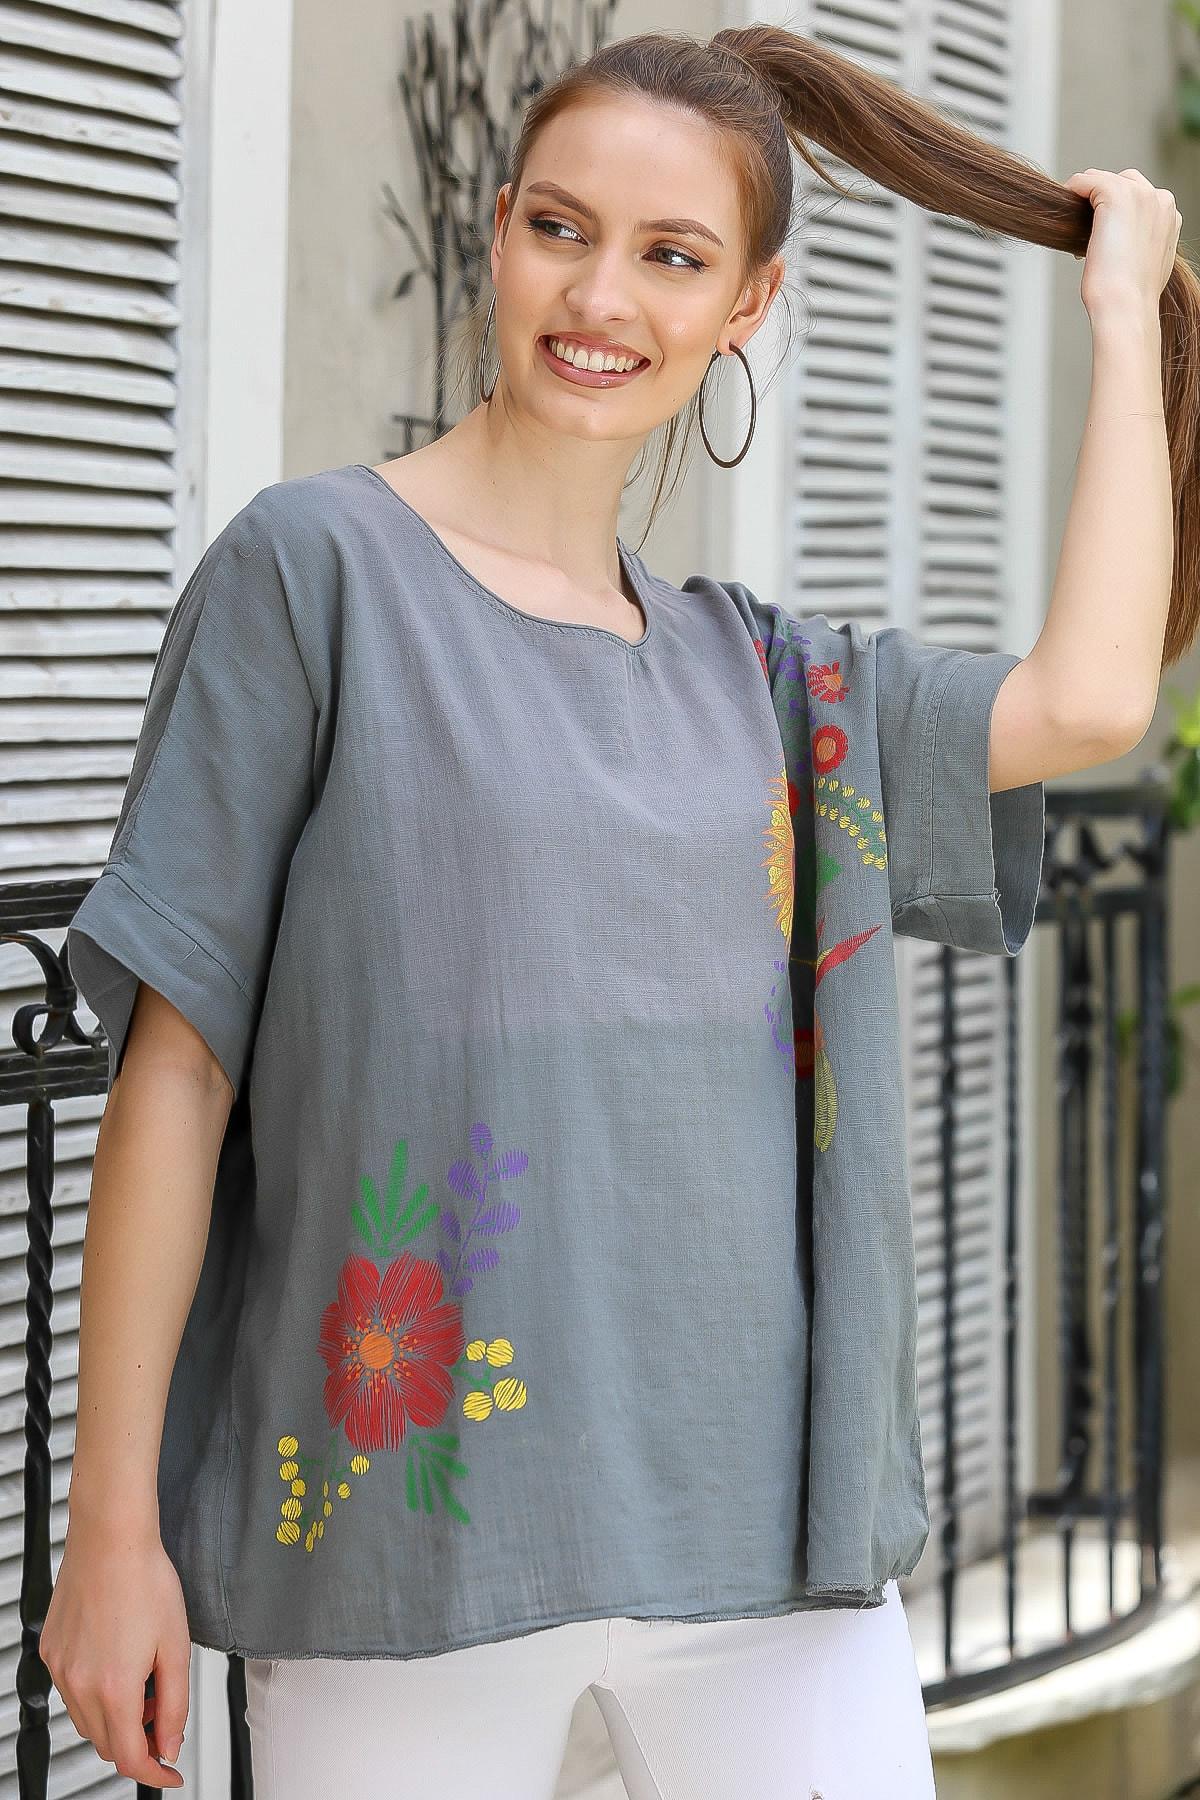 Chiccy Kadın Füme Sıfır Yaka Günebakan Çiçek Desenli Salaş Dokuma Bluz M10010200BL95412 2